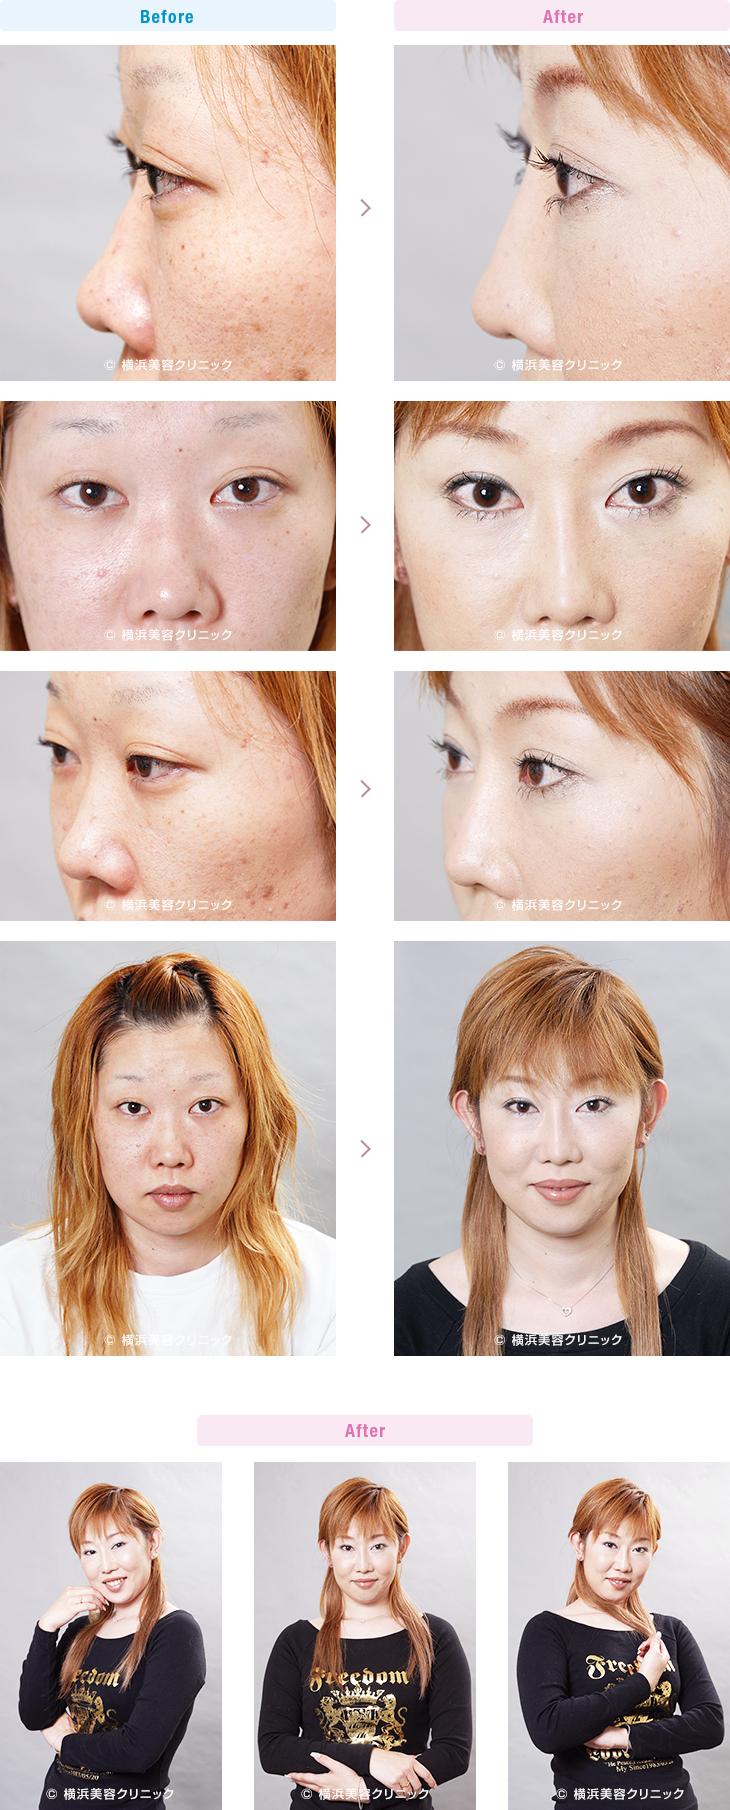 【20代女性】鼻先の丸みが気になる方には、鼻尖縮小術が効果的【横浜美容クリニック】